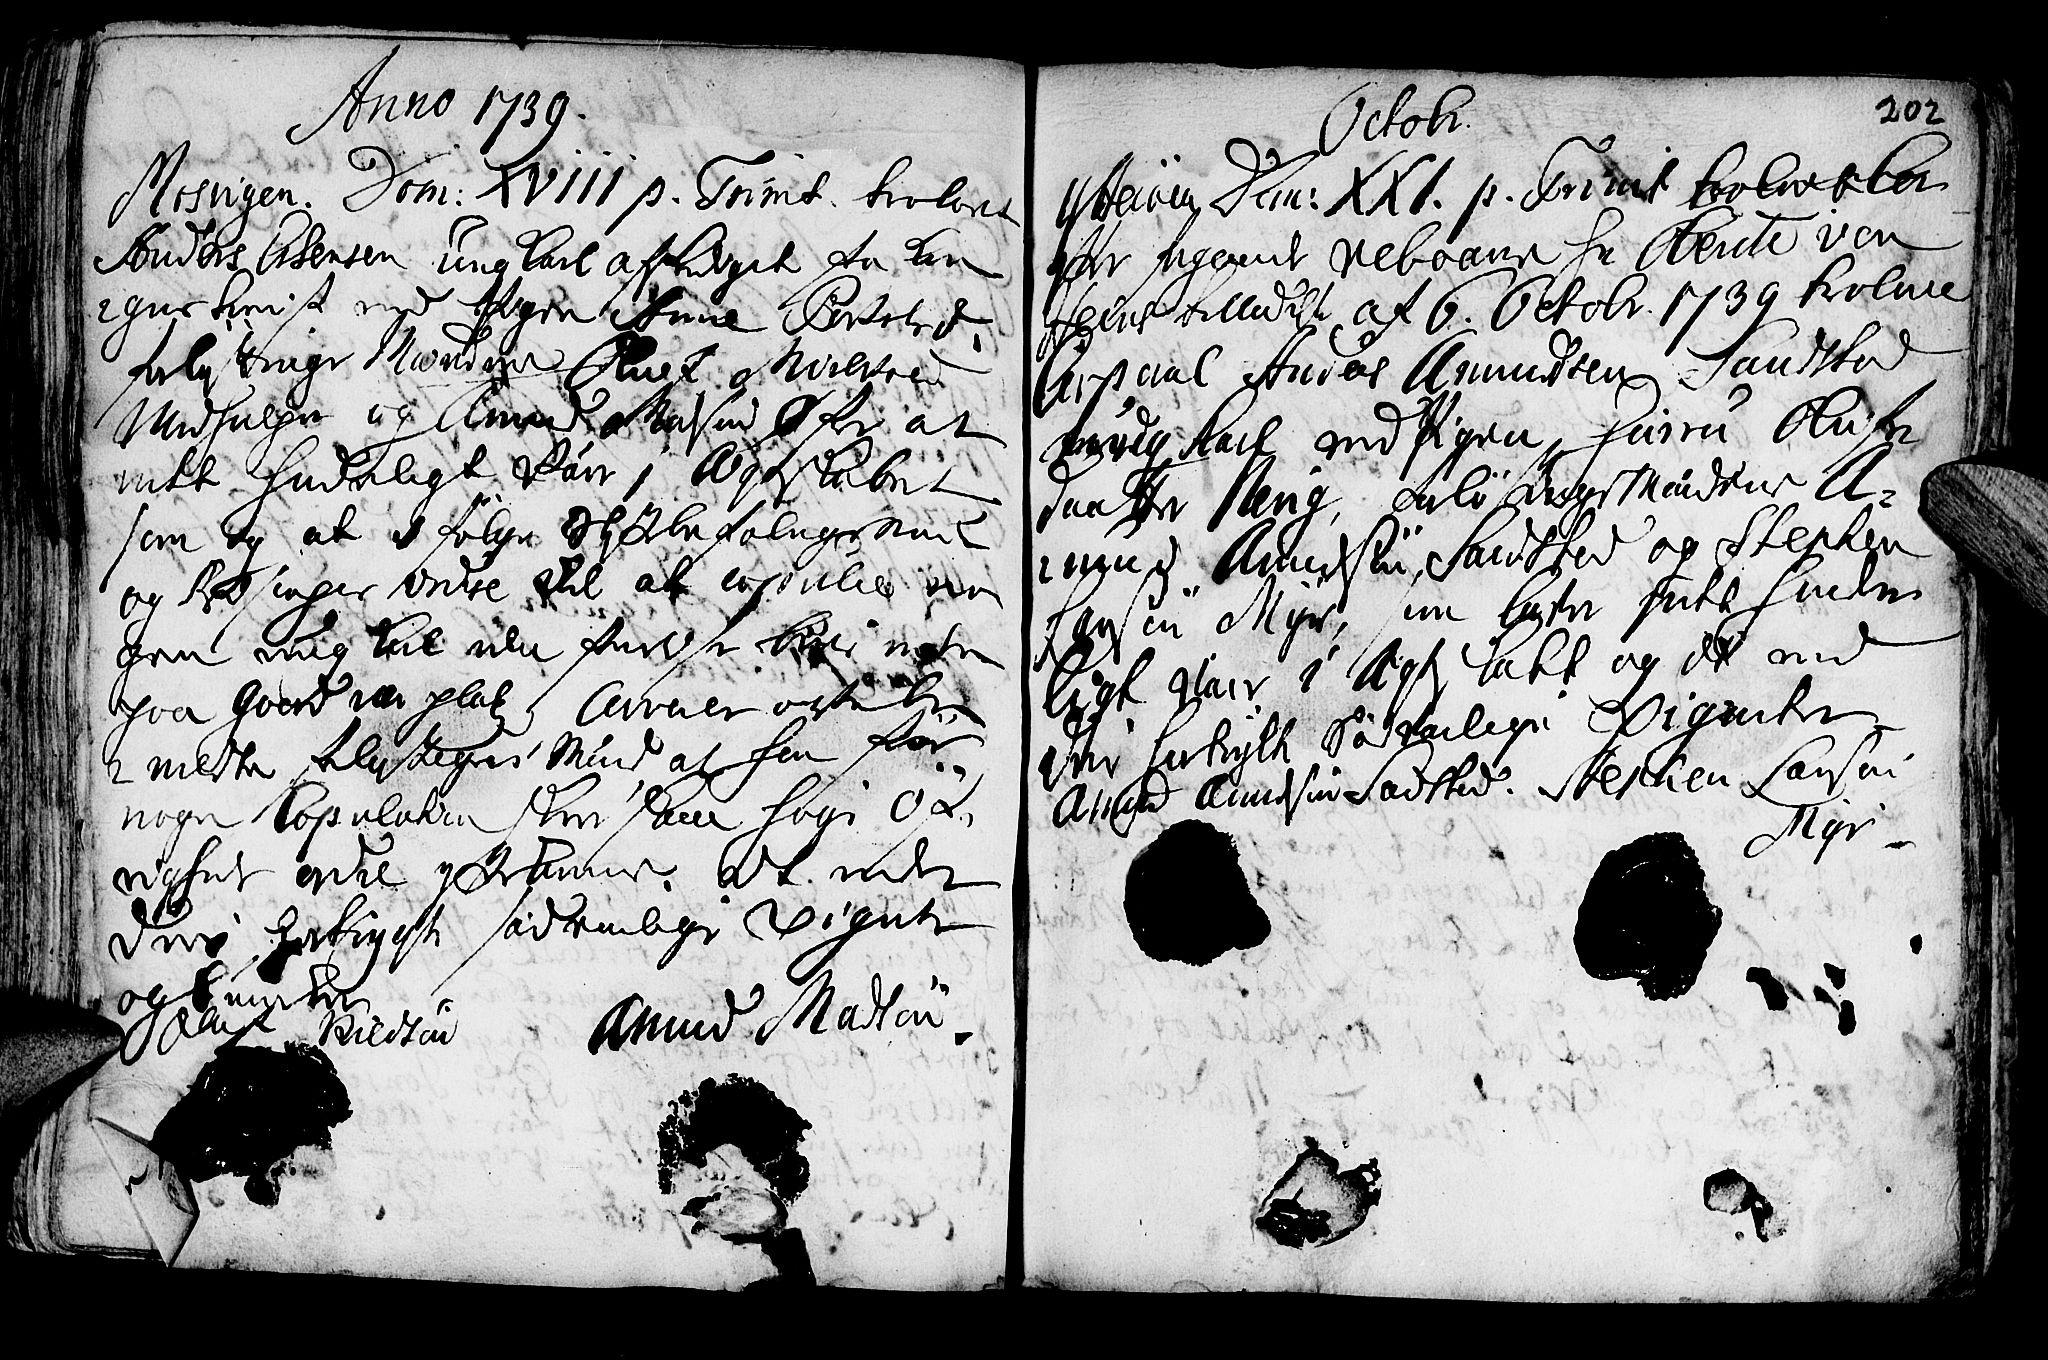 SAT, Ministerialprotokoller, klokkerbøker og fødselsregistre - Nord-Trøndelag, 722/L0215: Ministerialbok nr. 722A02, 1718-1755, s. 202